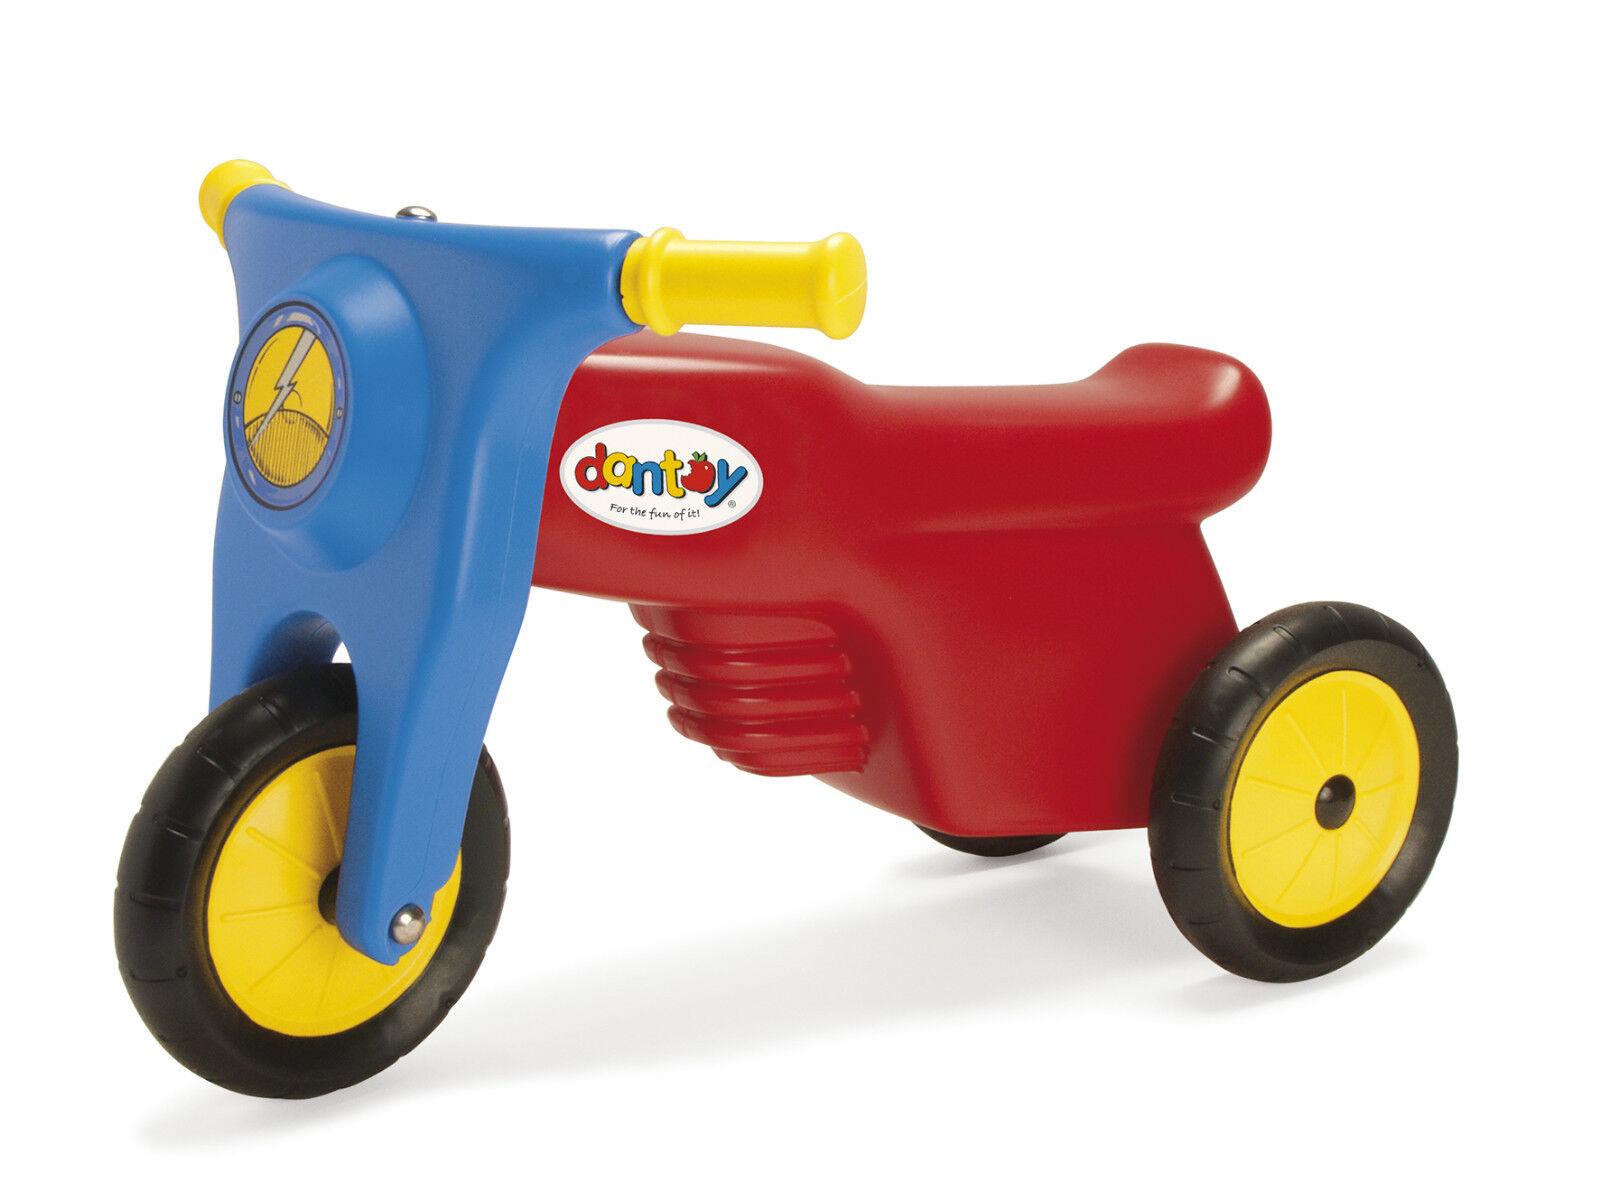 Robuste Dantoy Enfants Moto Moteur Vélo - Mini Racer avec Caoutchouc Roues